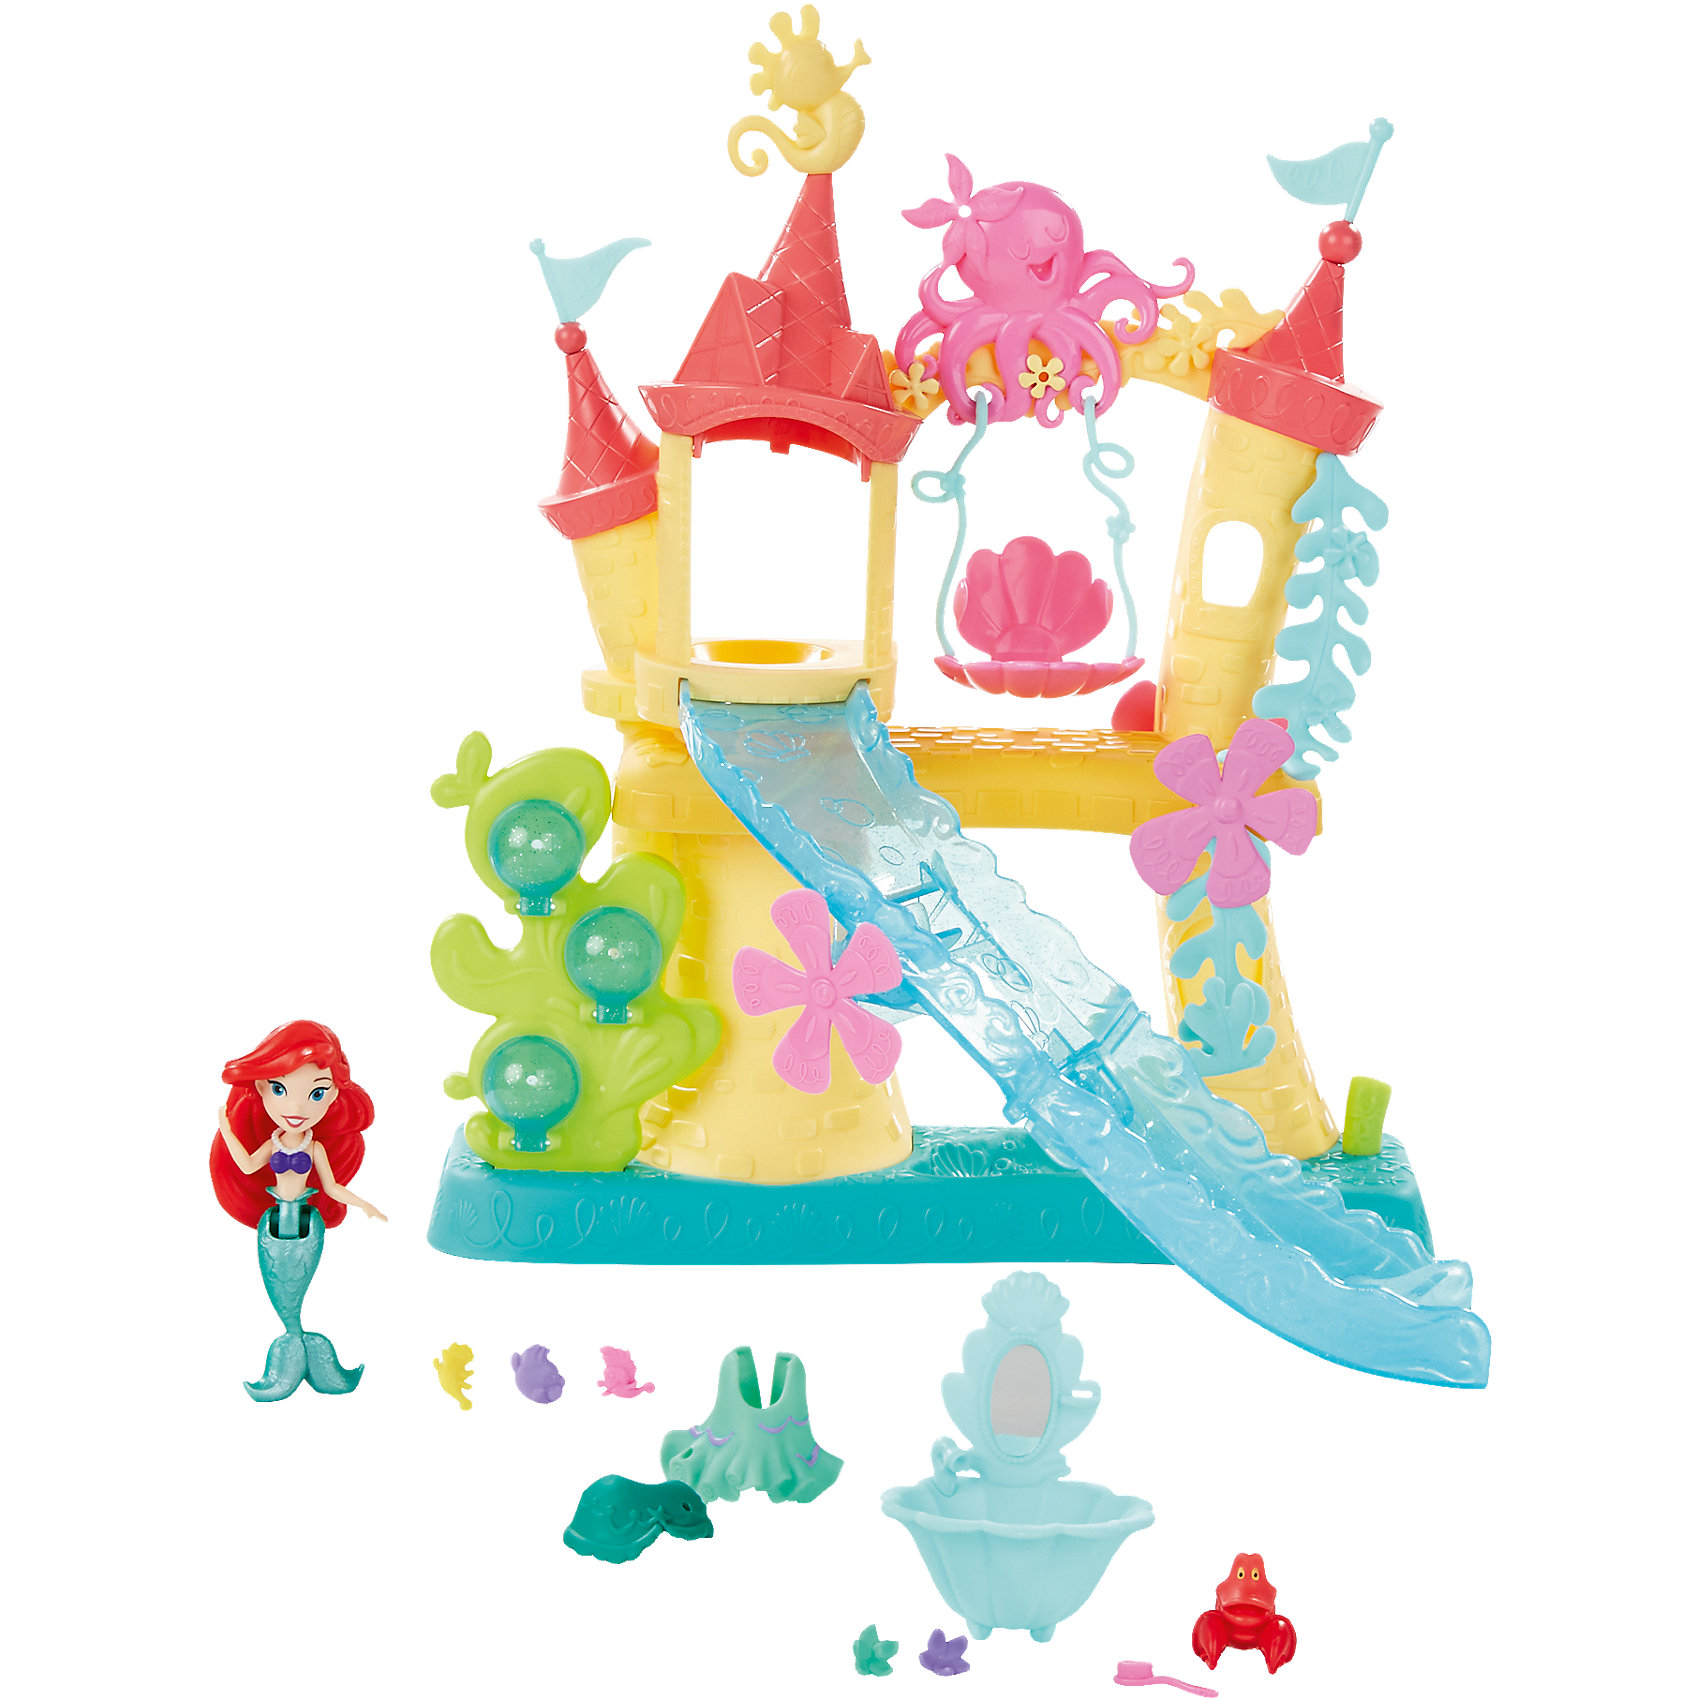 Замок Ариэль для игры с водой, Принцессы ДиснейАриэль и Себастьян приглашают вас посетить их прекрасный замок веселья. В замке есть качели, на которых можно покатать краба, лучшего друга русалочки, а также туалетный столик и крутая горка. Ребенок поможет сделать русалочке несколько трюков: прыжок в воду и выныривание с помощью водорослей.<br>Когда русалочка захочет покататься на горке, ее можно посадить. В комплекте есть наряды для Ариэль, а также множество других аксессуаров, которые сделают игру с набором весьма увлекательной. С набором можно играть в воде.<br><br>В комплекте: кукла, корсет, баска, юбка, игровой набор, 3 аксессуара, 5 украшений.<br>Размер: 30.5 x 7.5 x 25.5 см.<br>Высота куклы: 7.6 см.<br><br>Ширина мм: 308<br>Глубина мм: 261<br>Высота мм: 81<br>Вес г: 616<br>Возраст от месяцев: 36<br>Возраст до месяцев: 72<br>Пол: Женский<br>Возраст: Детский<br>SKU: 4351513